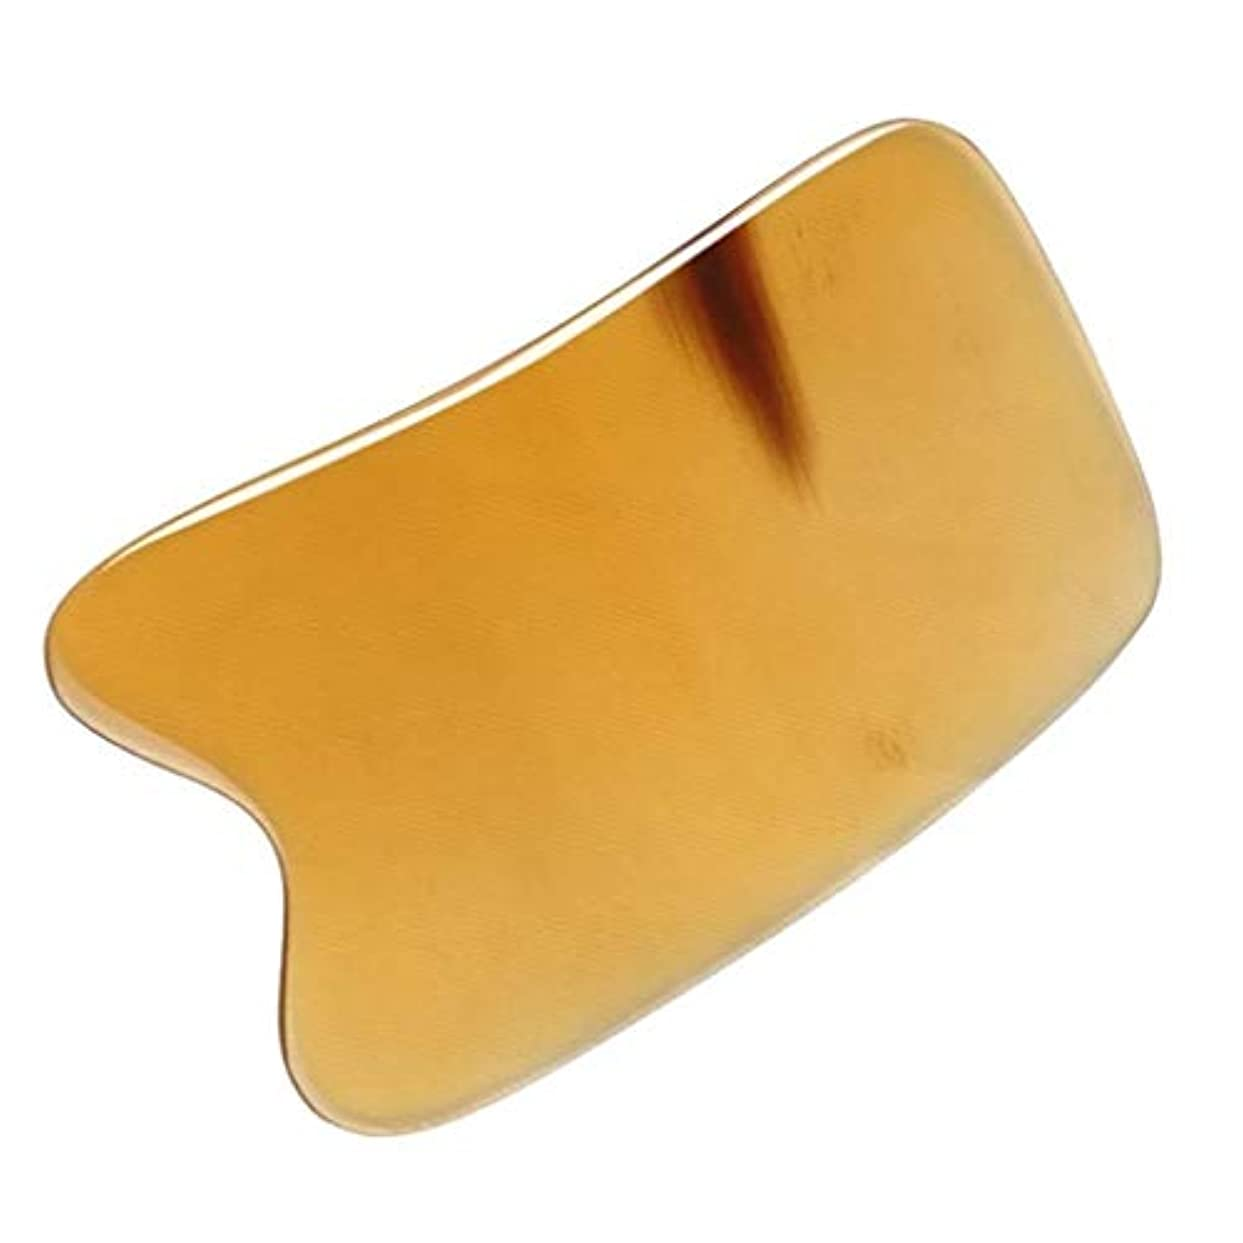 含めるゼロ染料IASTMグラストン理学療法ツール-最高品質のハンドメイドバッファローホーングアシャボード-首と筋肉の痛みを軽減 (Size : 5mm)